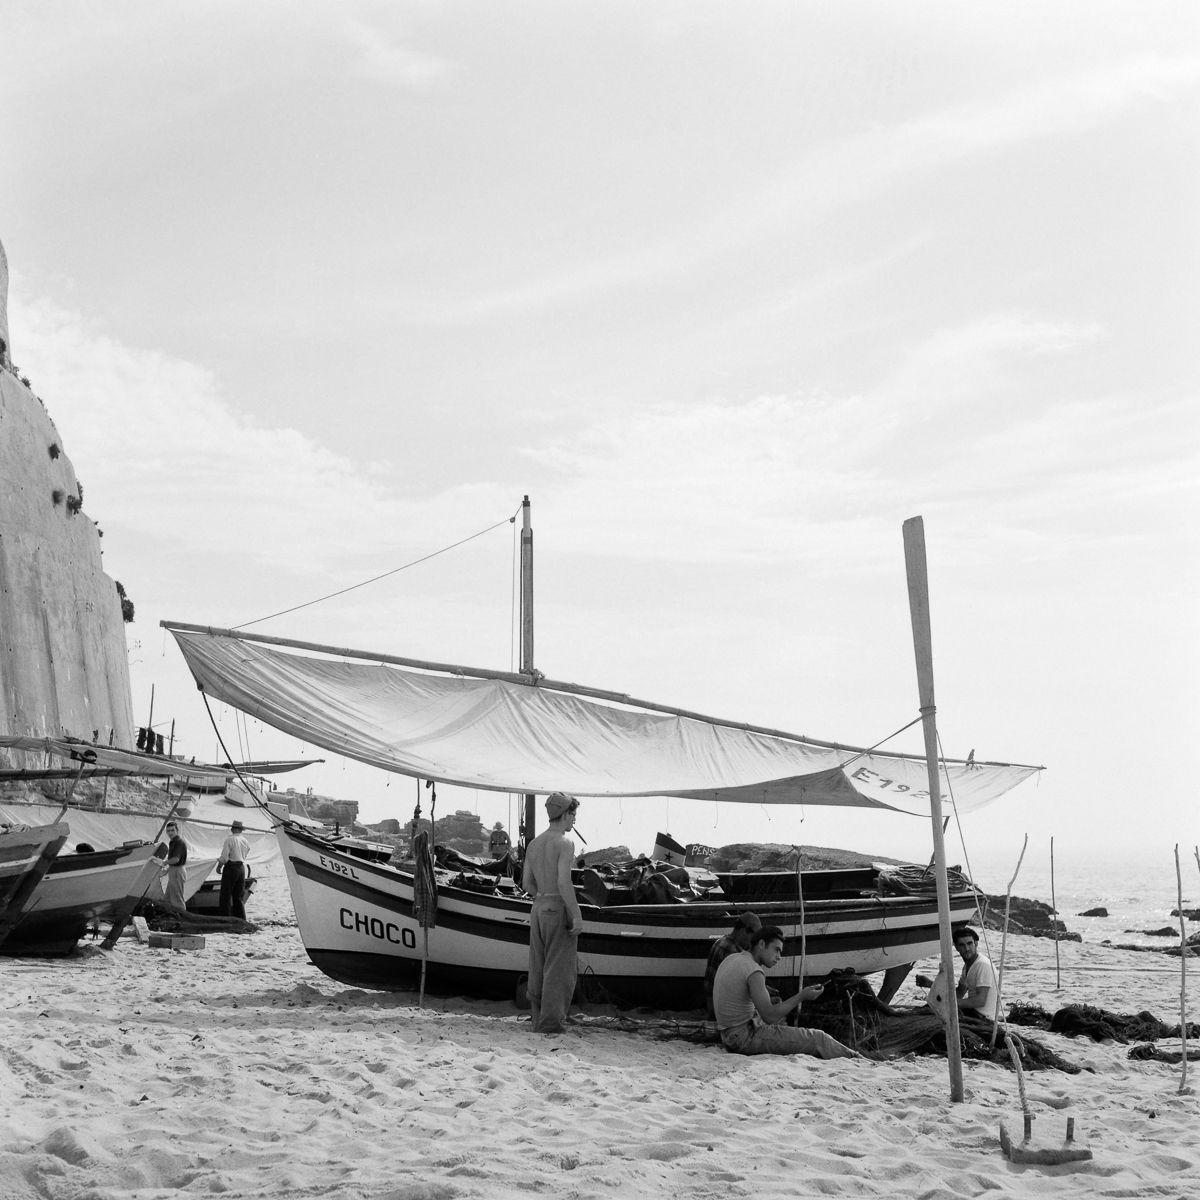 Fotografias deslumbrantes capturam a cultura da pesca dos anos 50 em Portugal 18